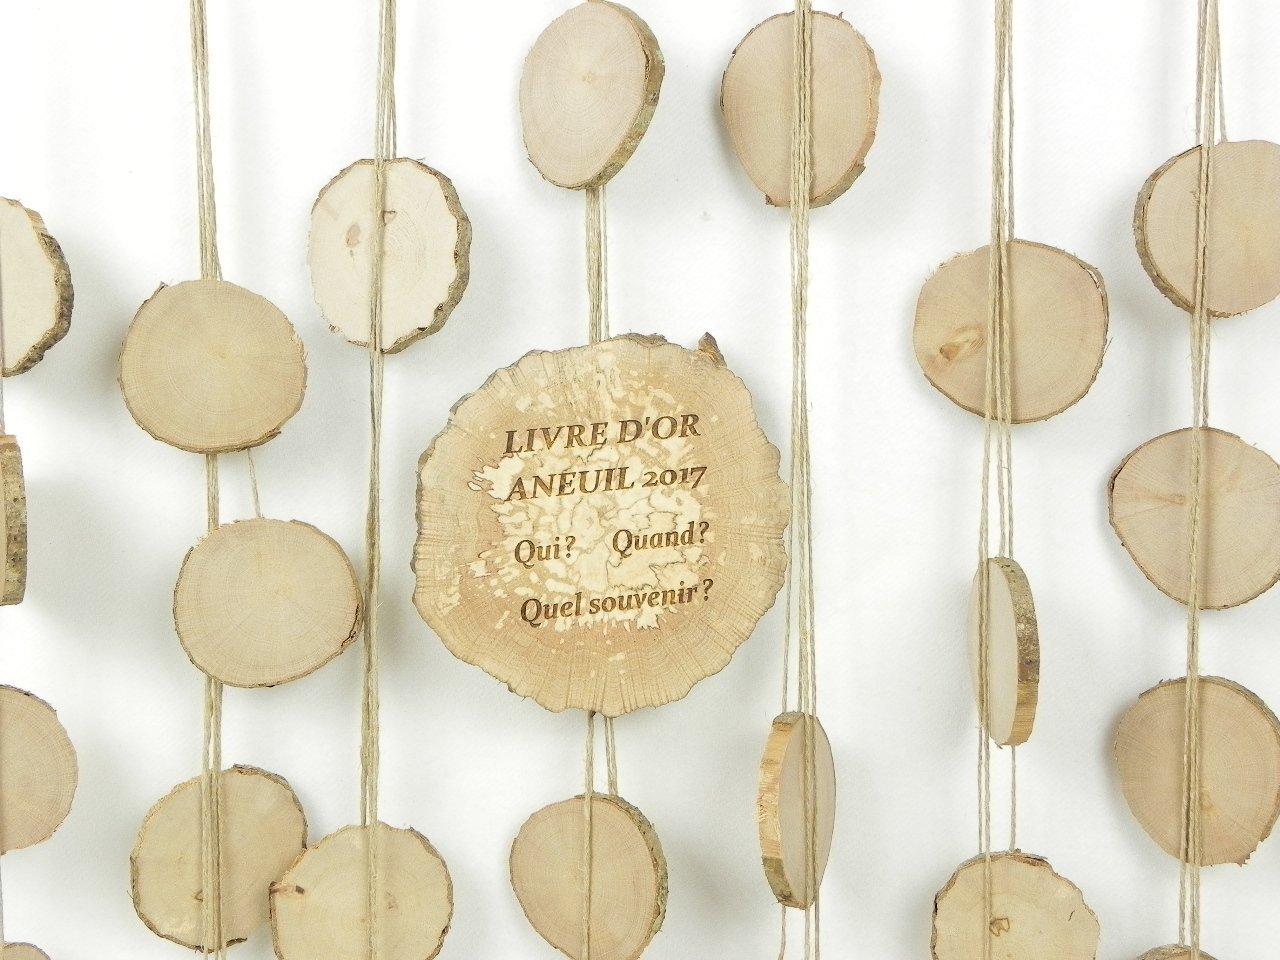 livre dor personnalis/é pour mariage champ/être fait main avec des rondelles de bois Livre dor mariage original en bois